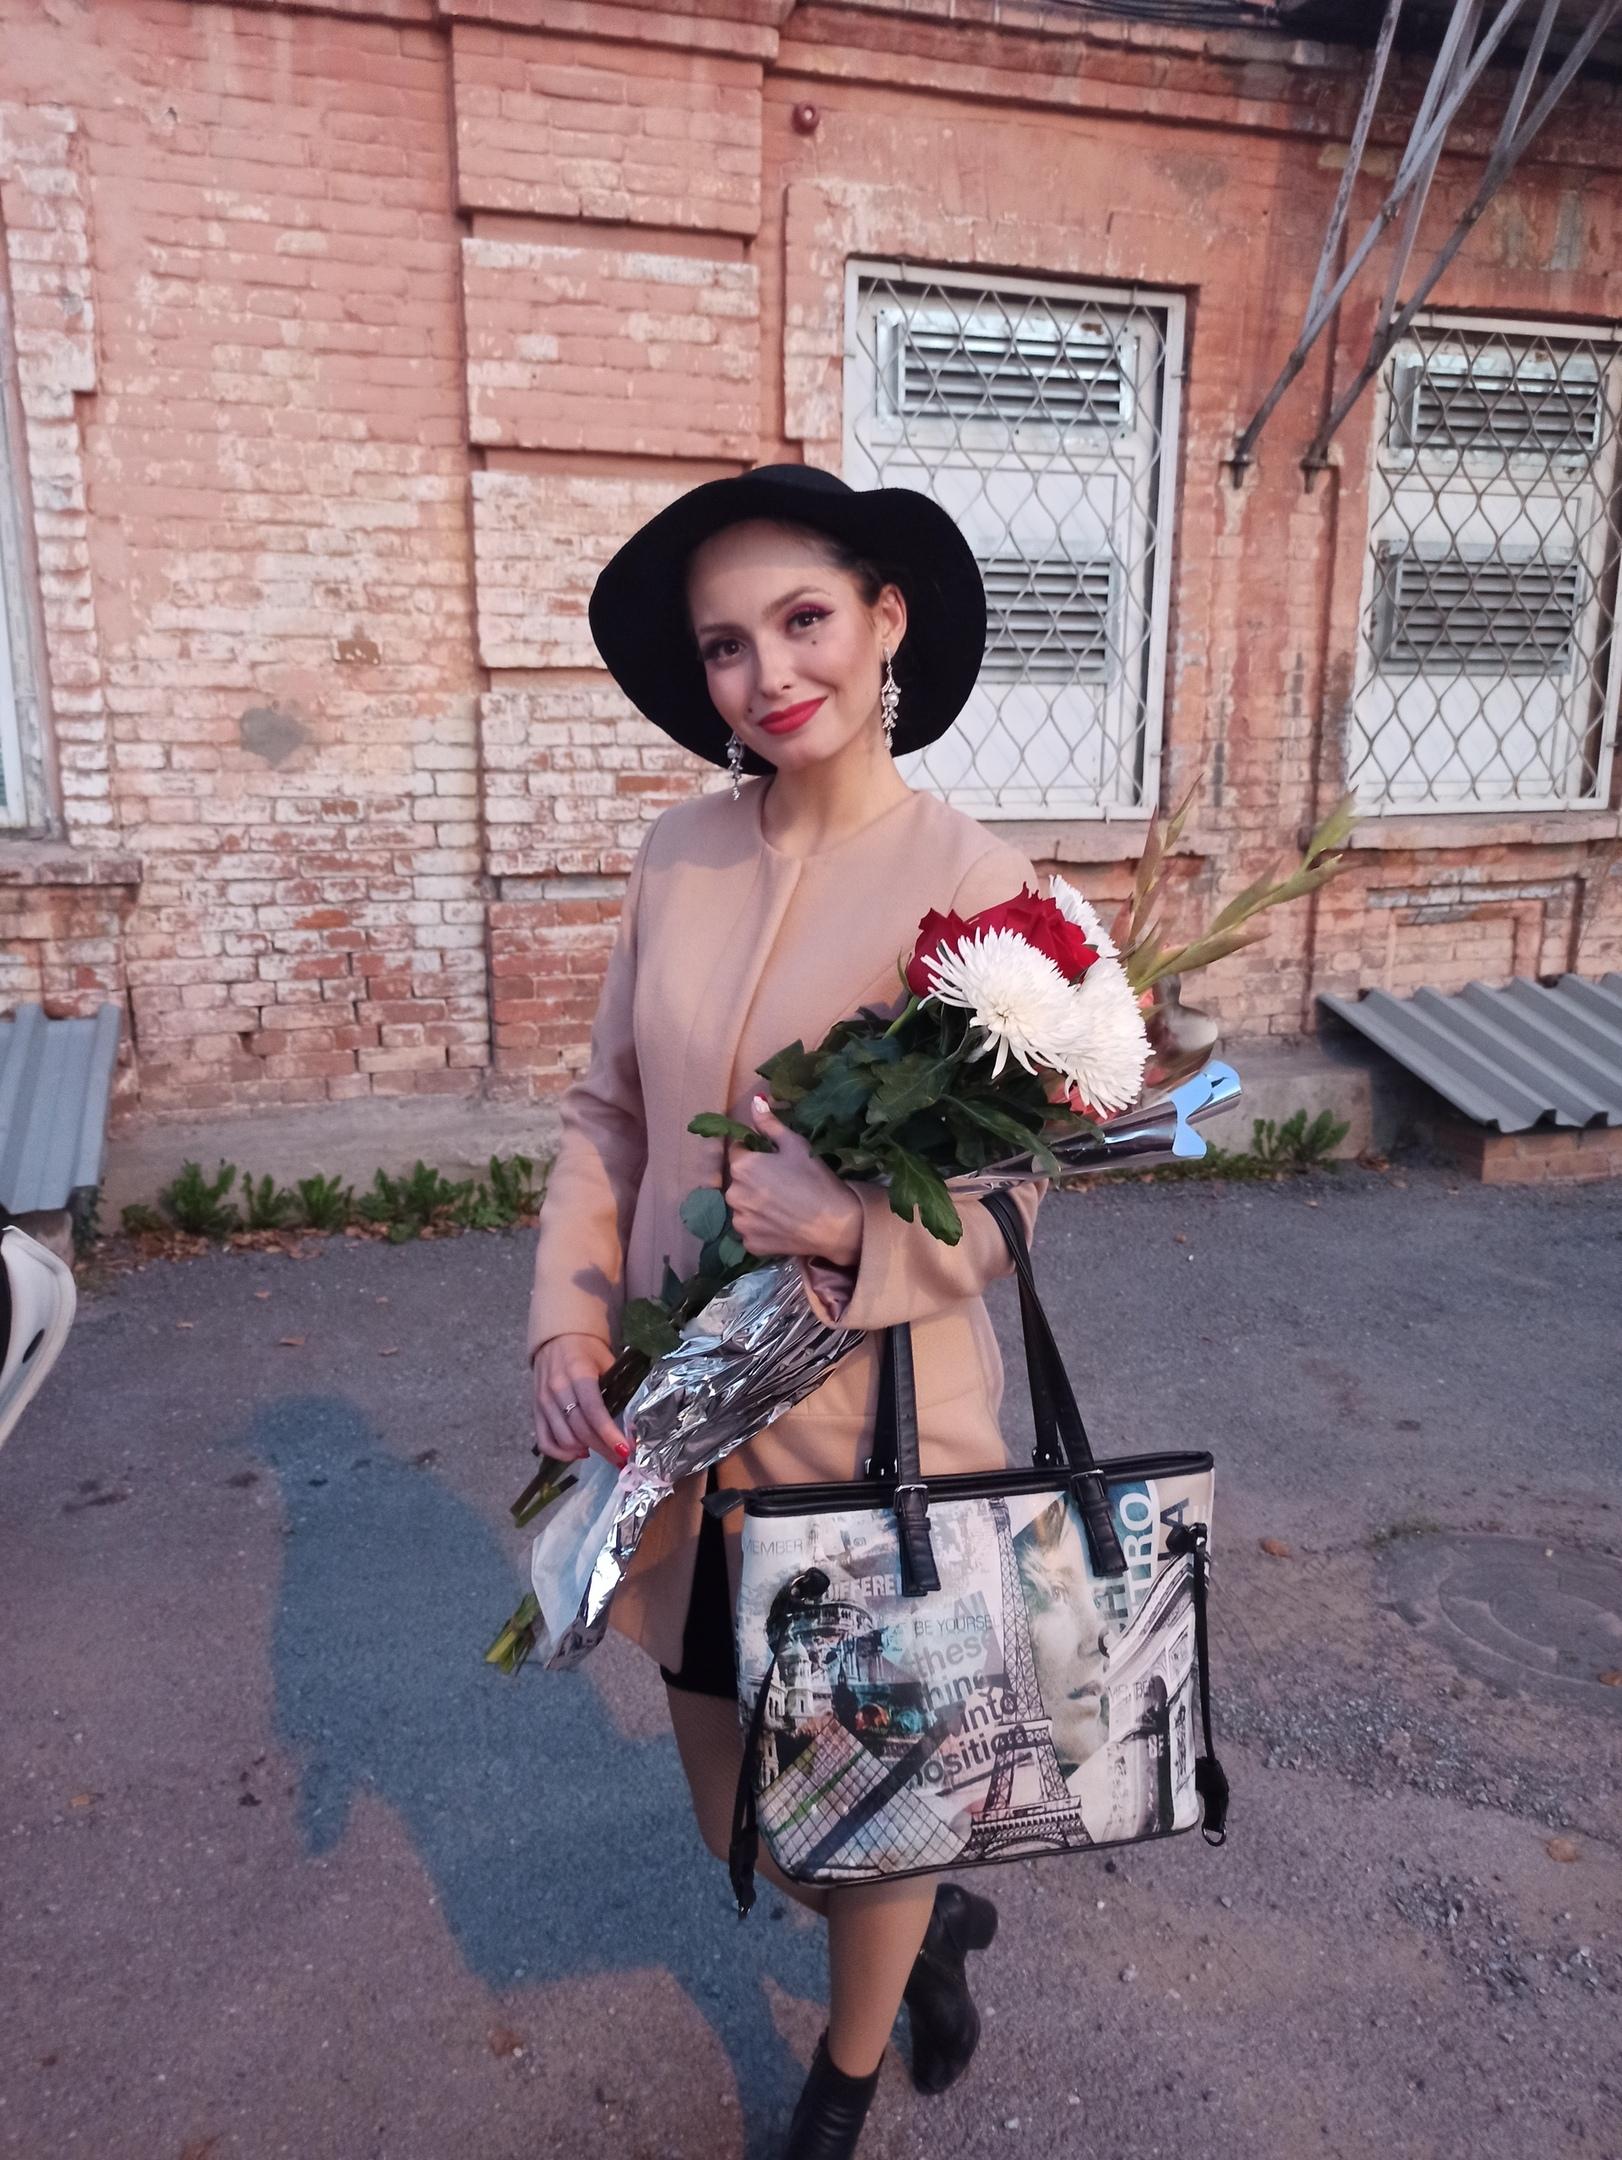 Поздравляем Татьяну Панич-Коренскую с первой большой ролью6